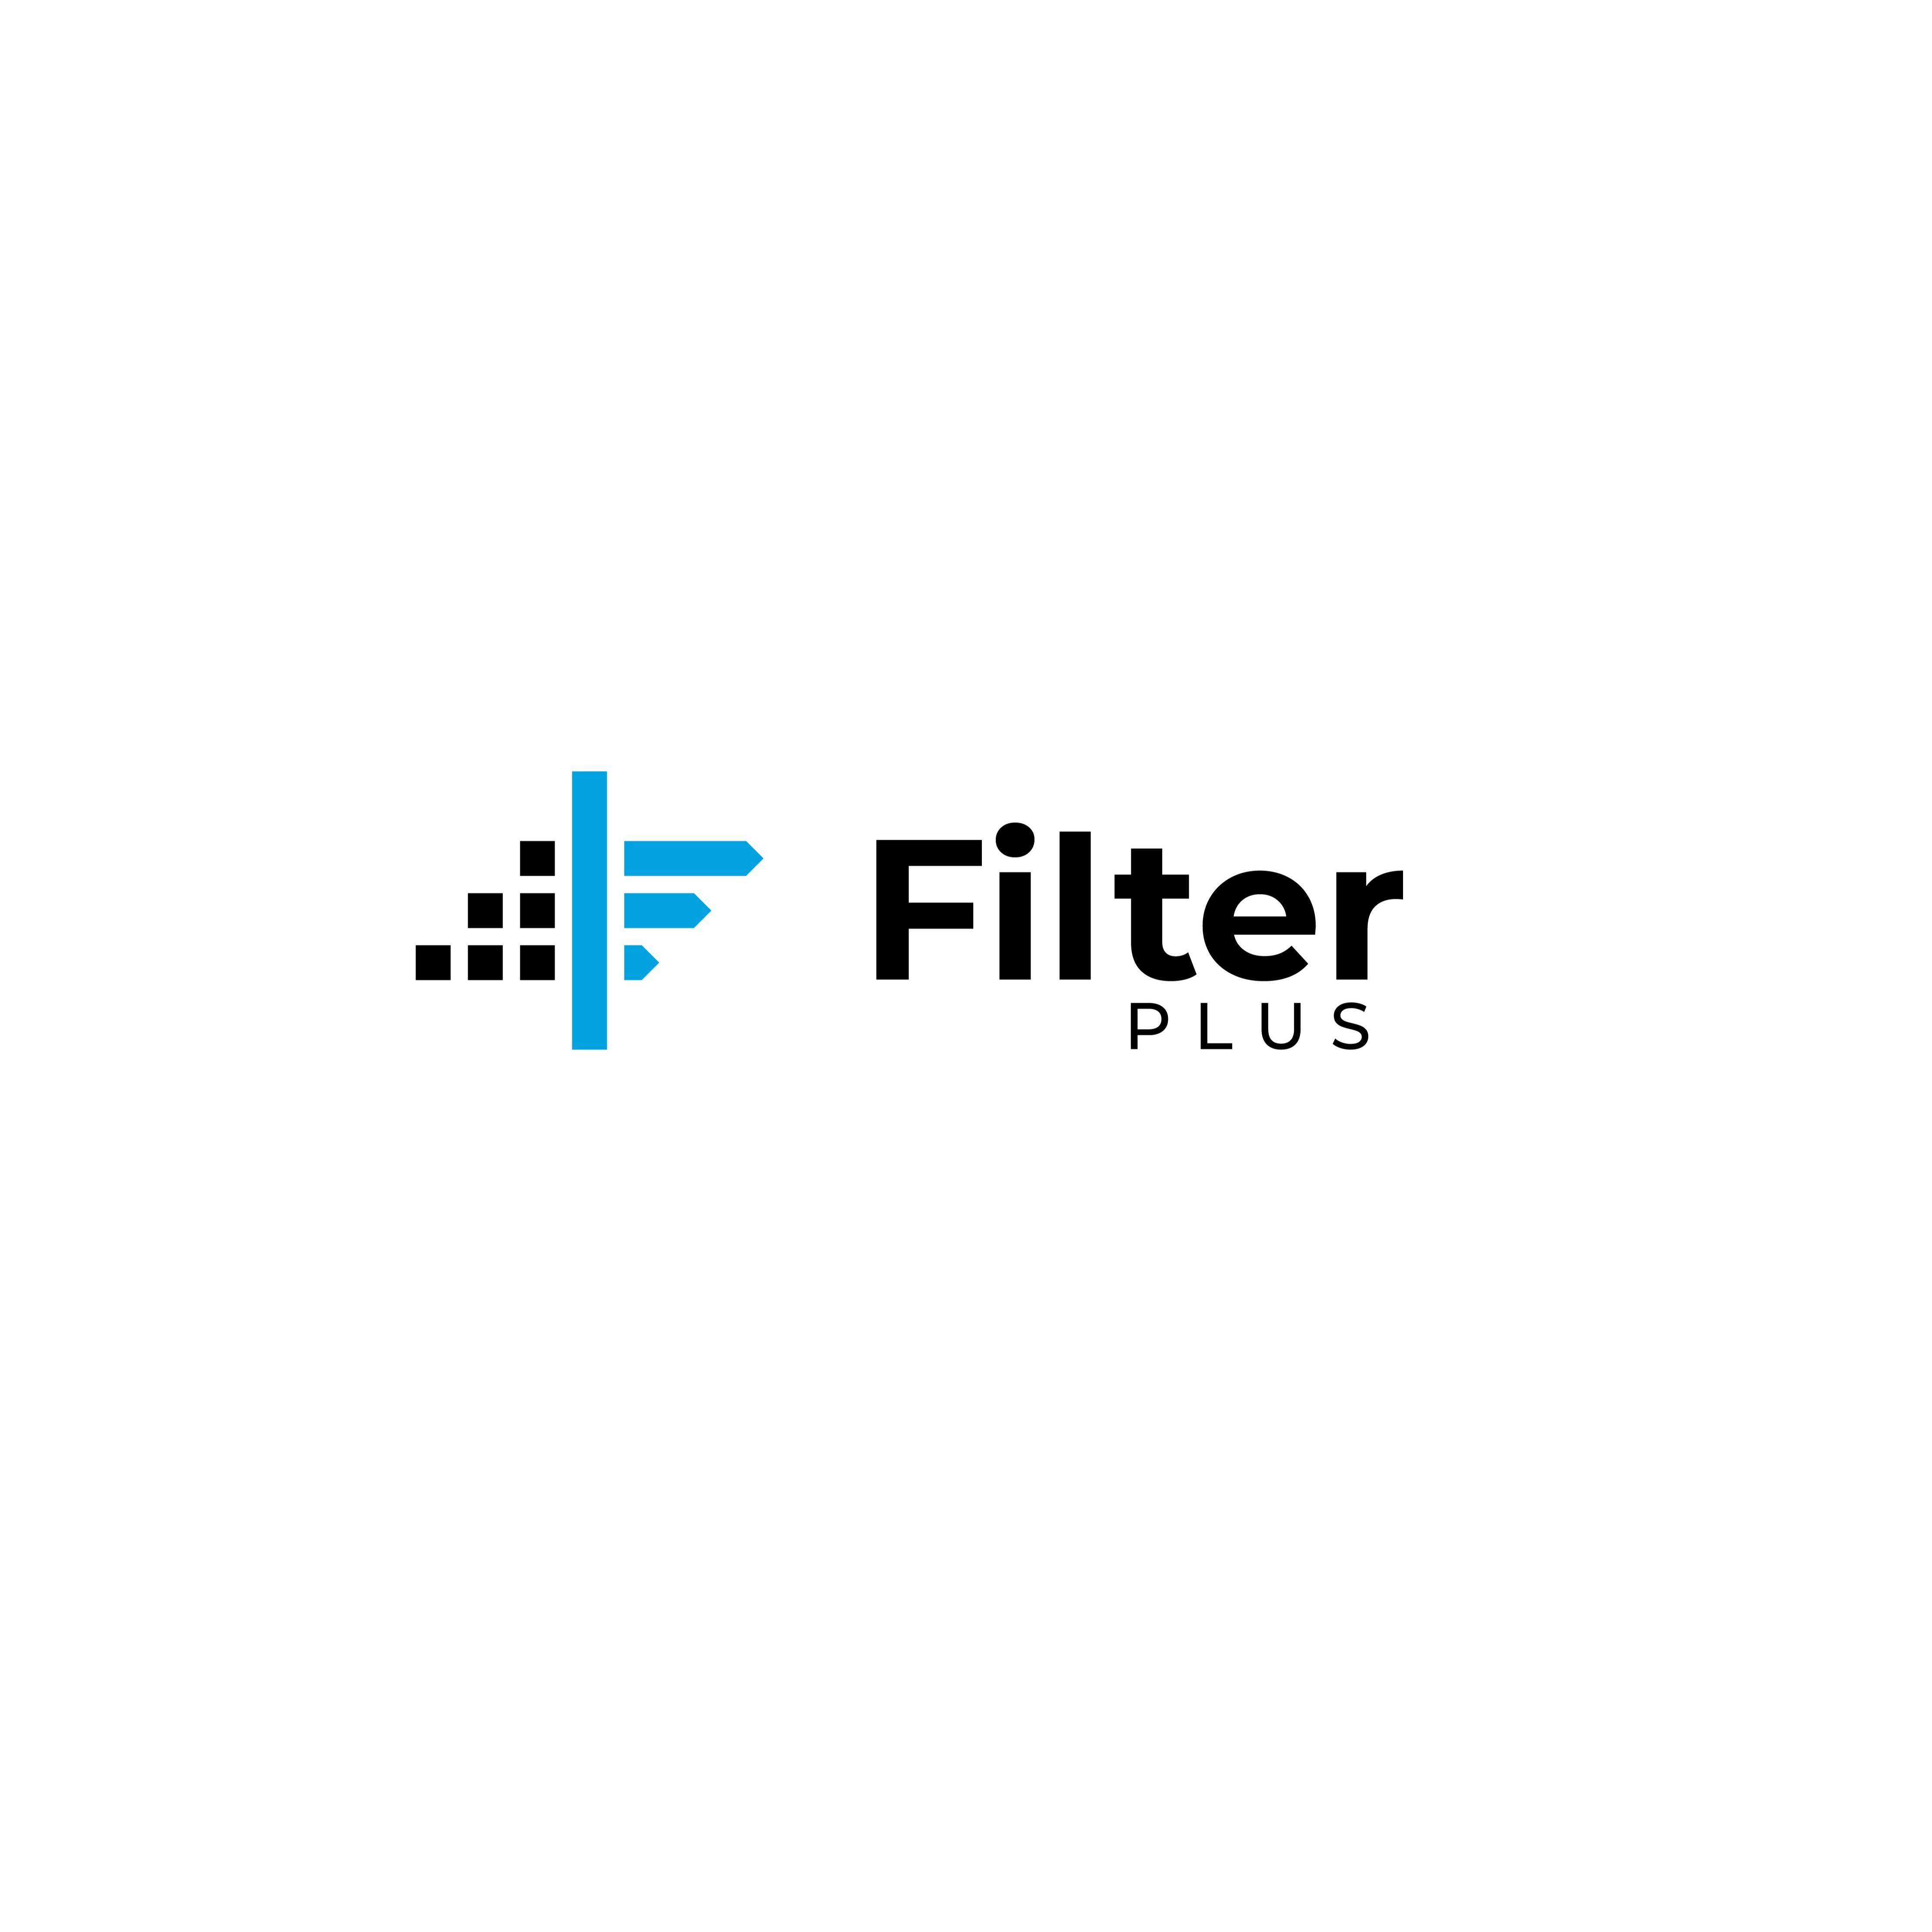 Filter Plus OÜ